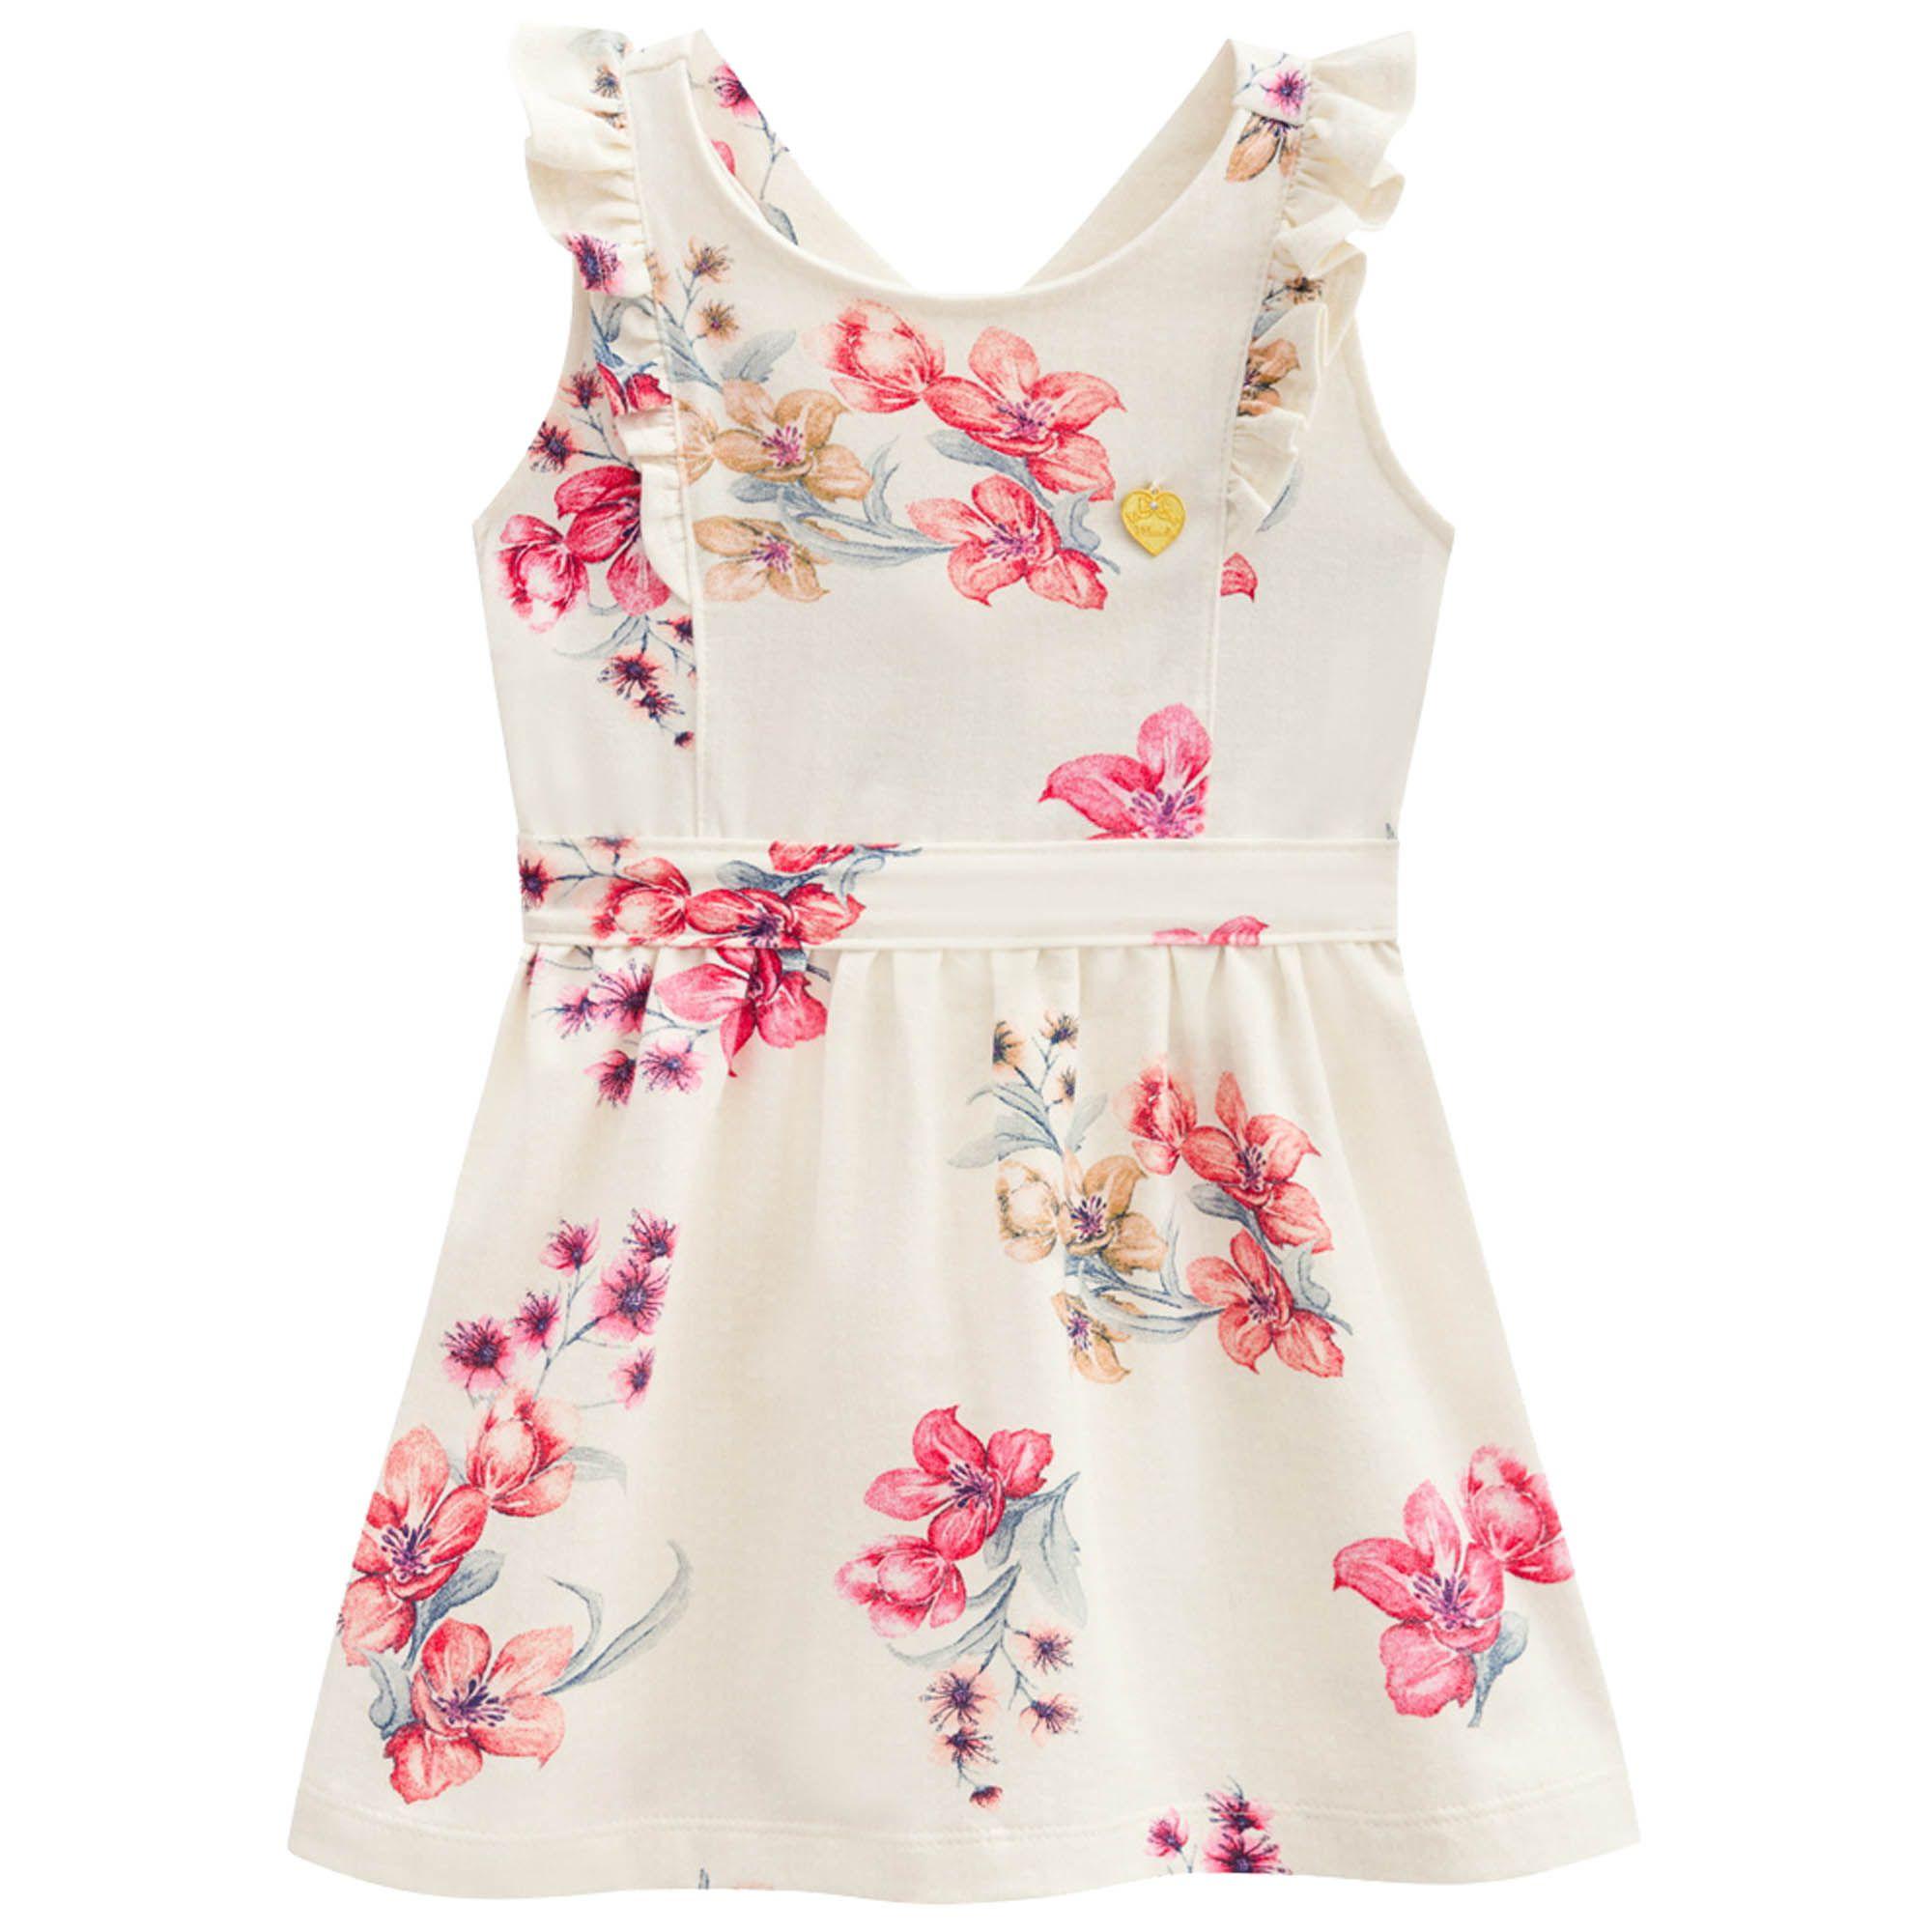 Vestido Verão Brandili Mundi Floral com Babado  - 4 ao 14